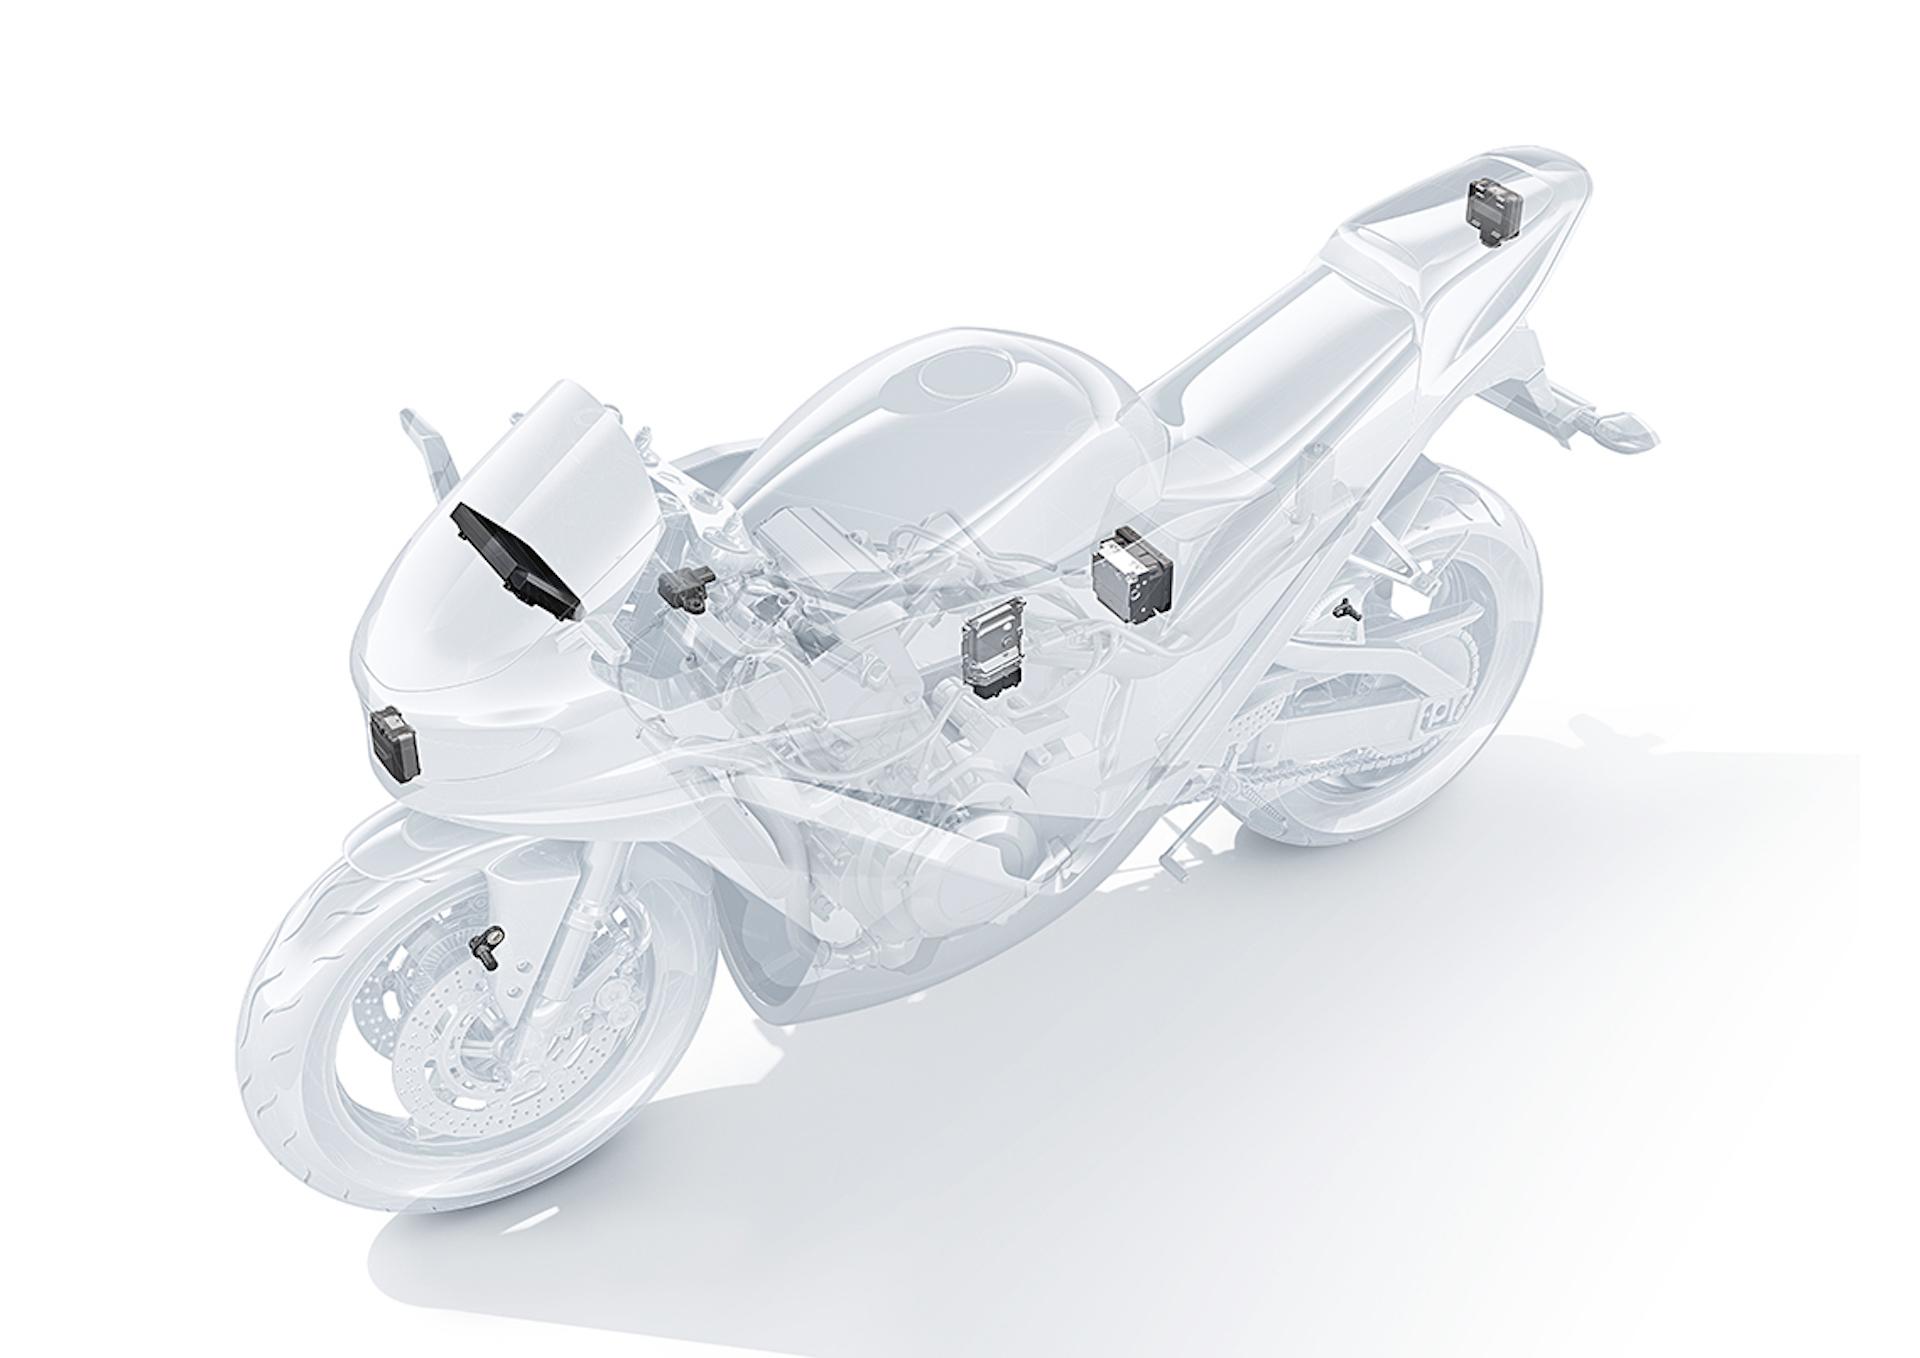 Moto Kawasaki Aras 2